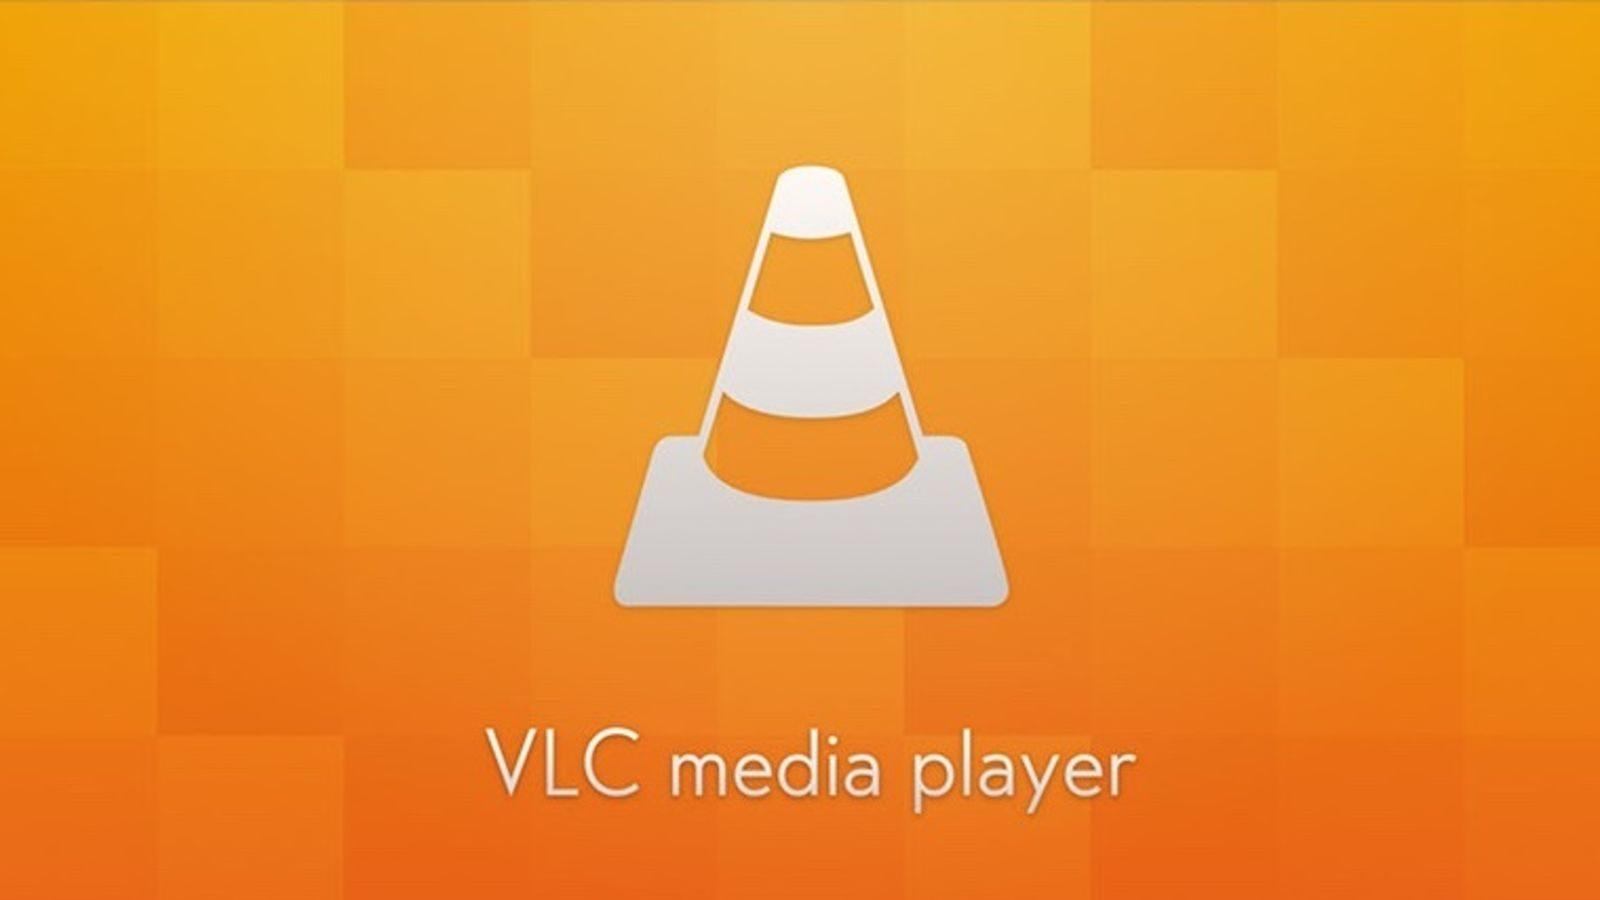 دانلود VLC 3.2.8 - پلیر قدرتمند ویالسی